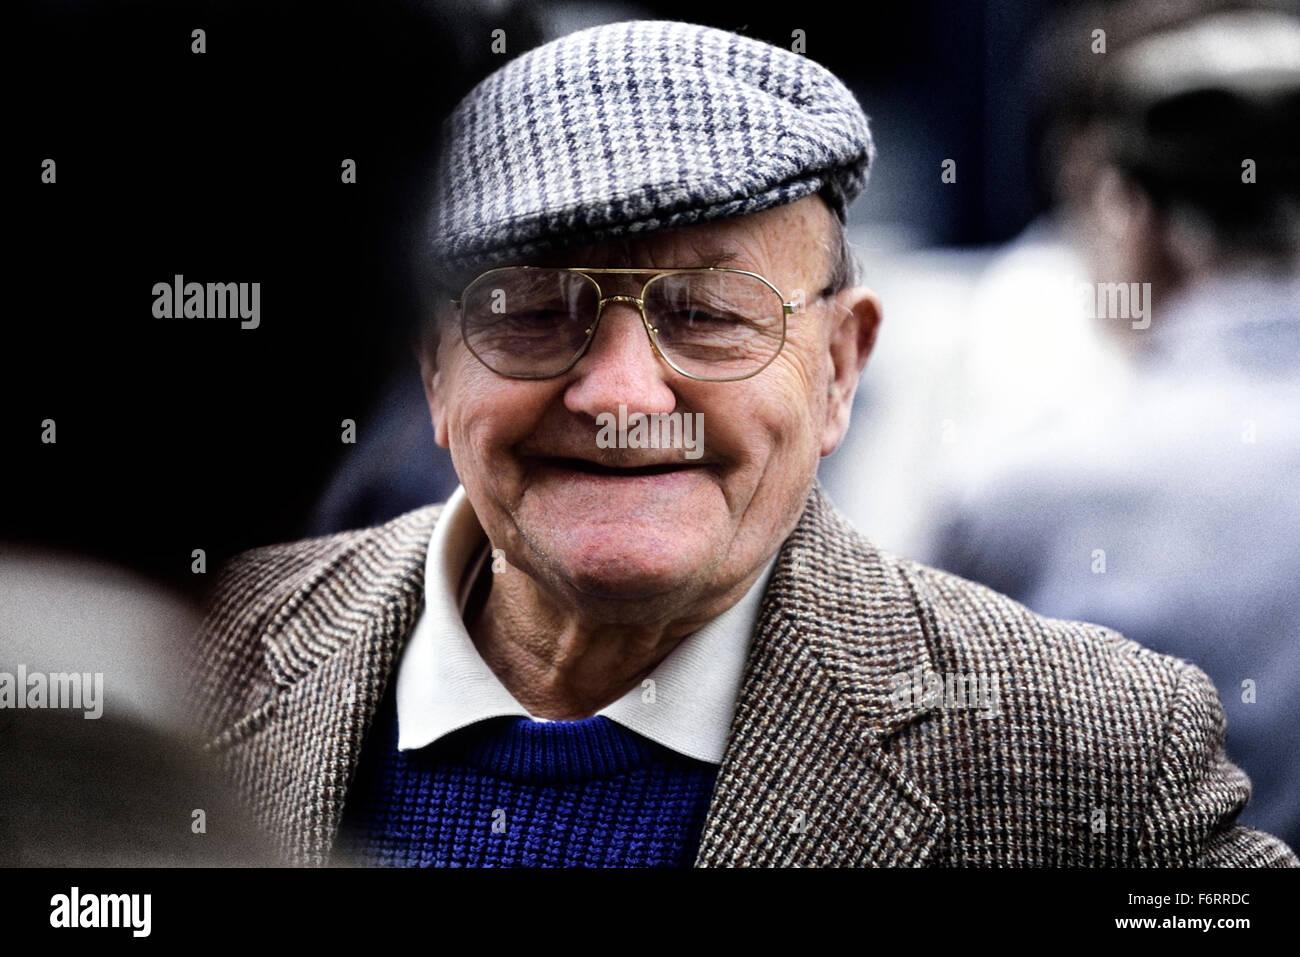 Ein Lächeln auf den Lippen alte Herr ein Tweed Tuch Mütze und Jacke Stockbild